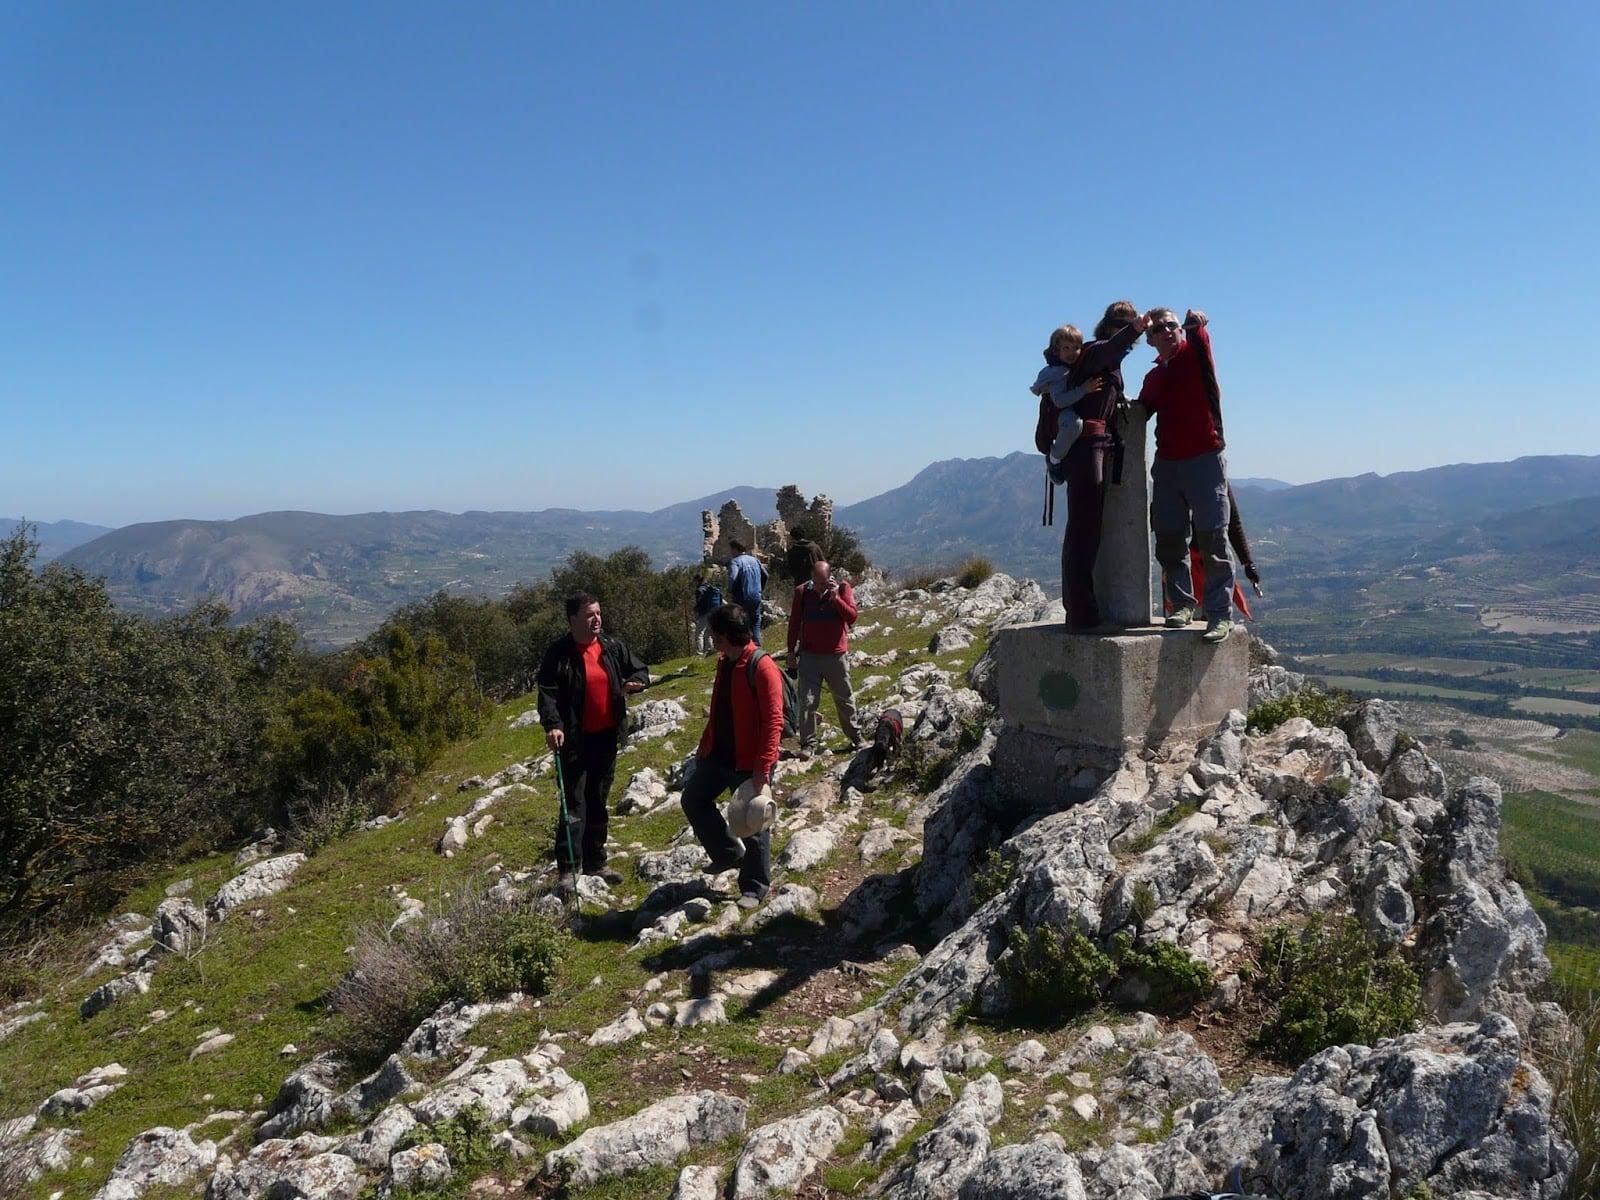 Fotos de l'excursió al poblat iber de La Serreta